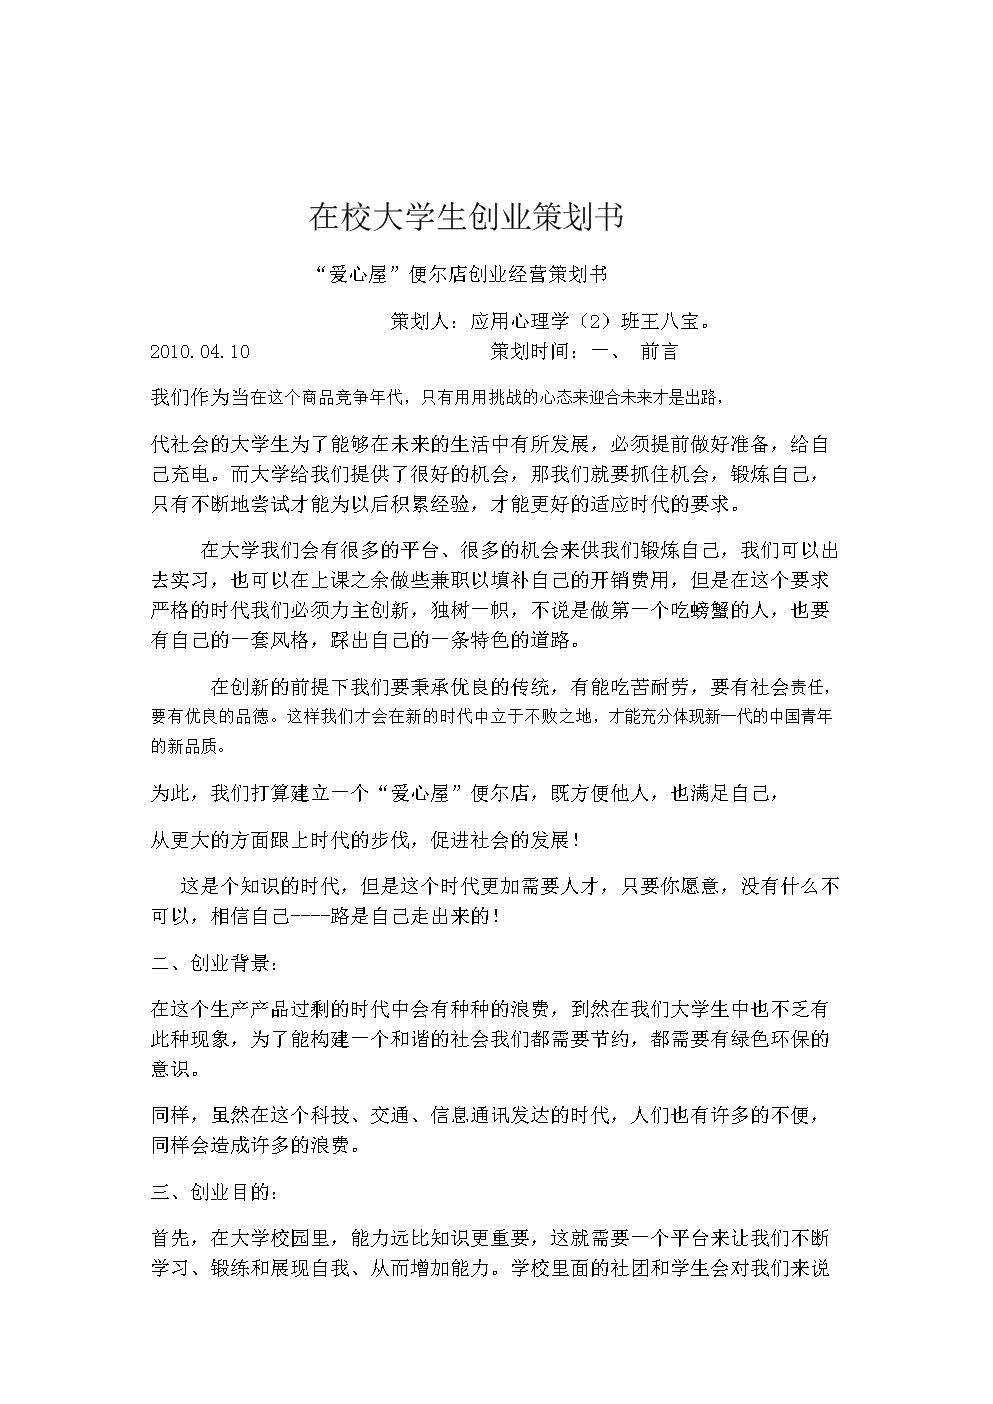 爱心屋便尔店创业经营策划书.doc